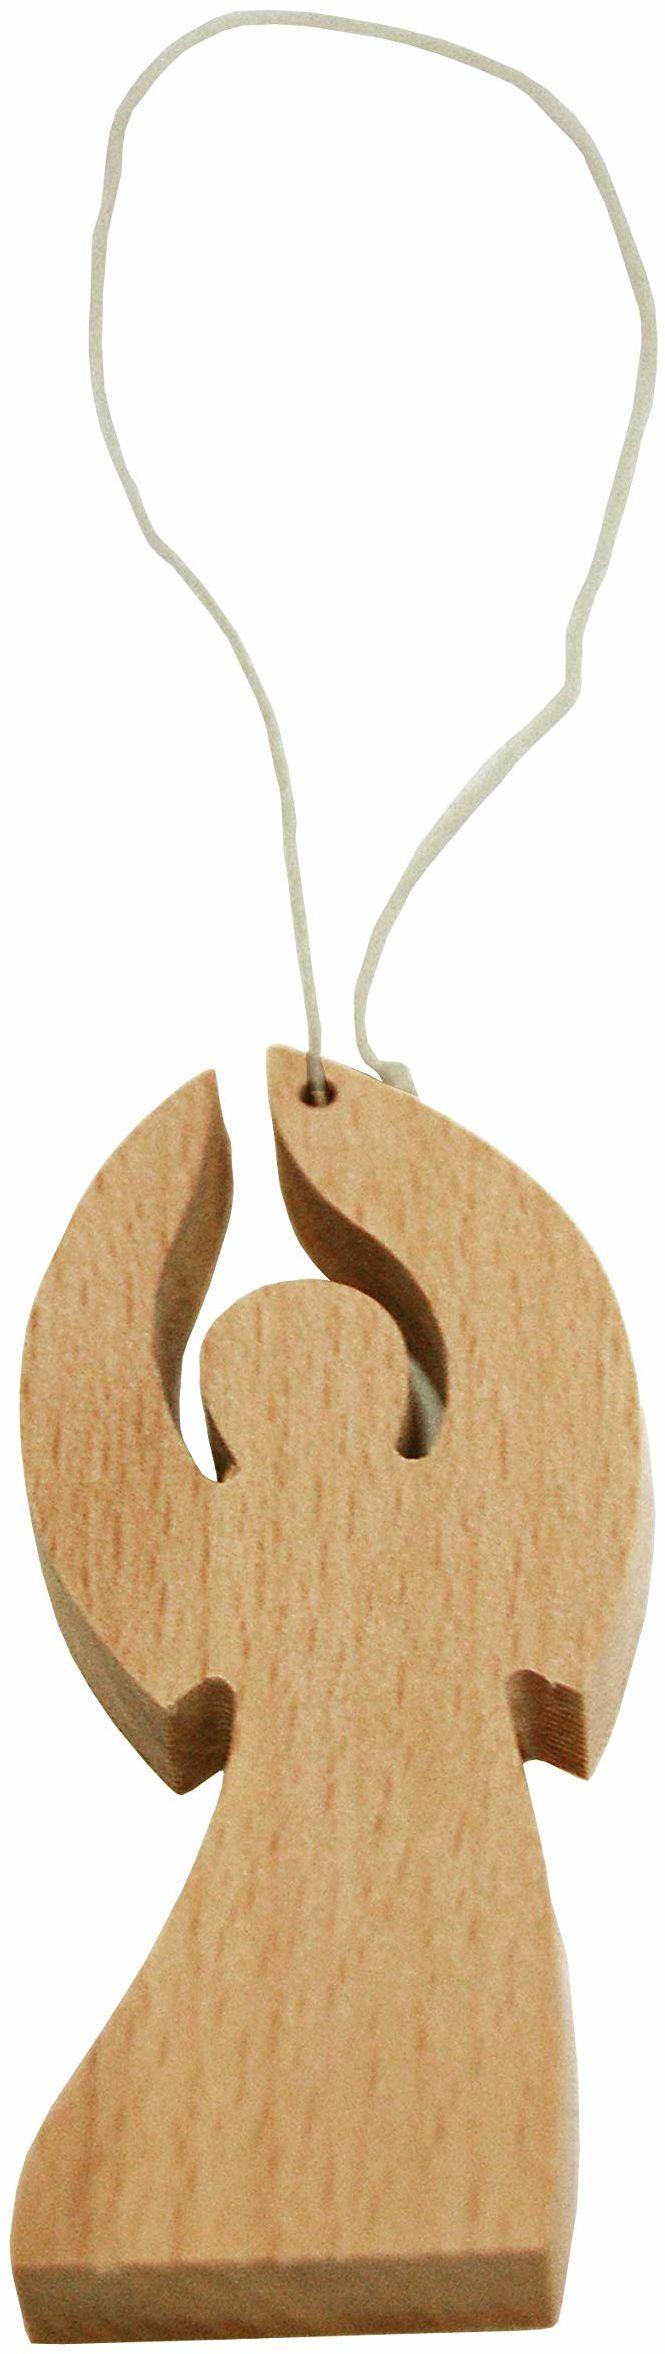 Kollektion Reuter Anioł z drewna bukowego, naturalny, rozmiar uniwersalny